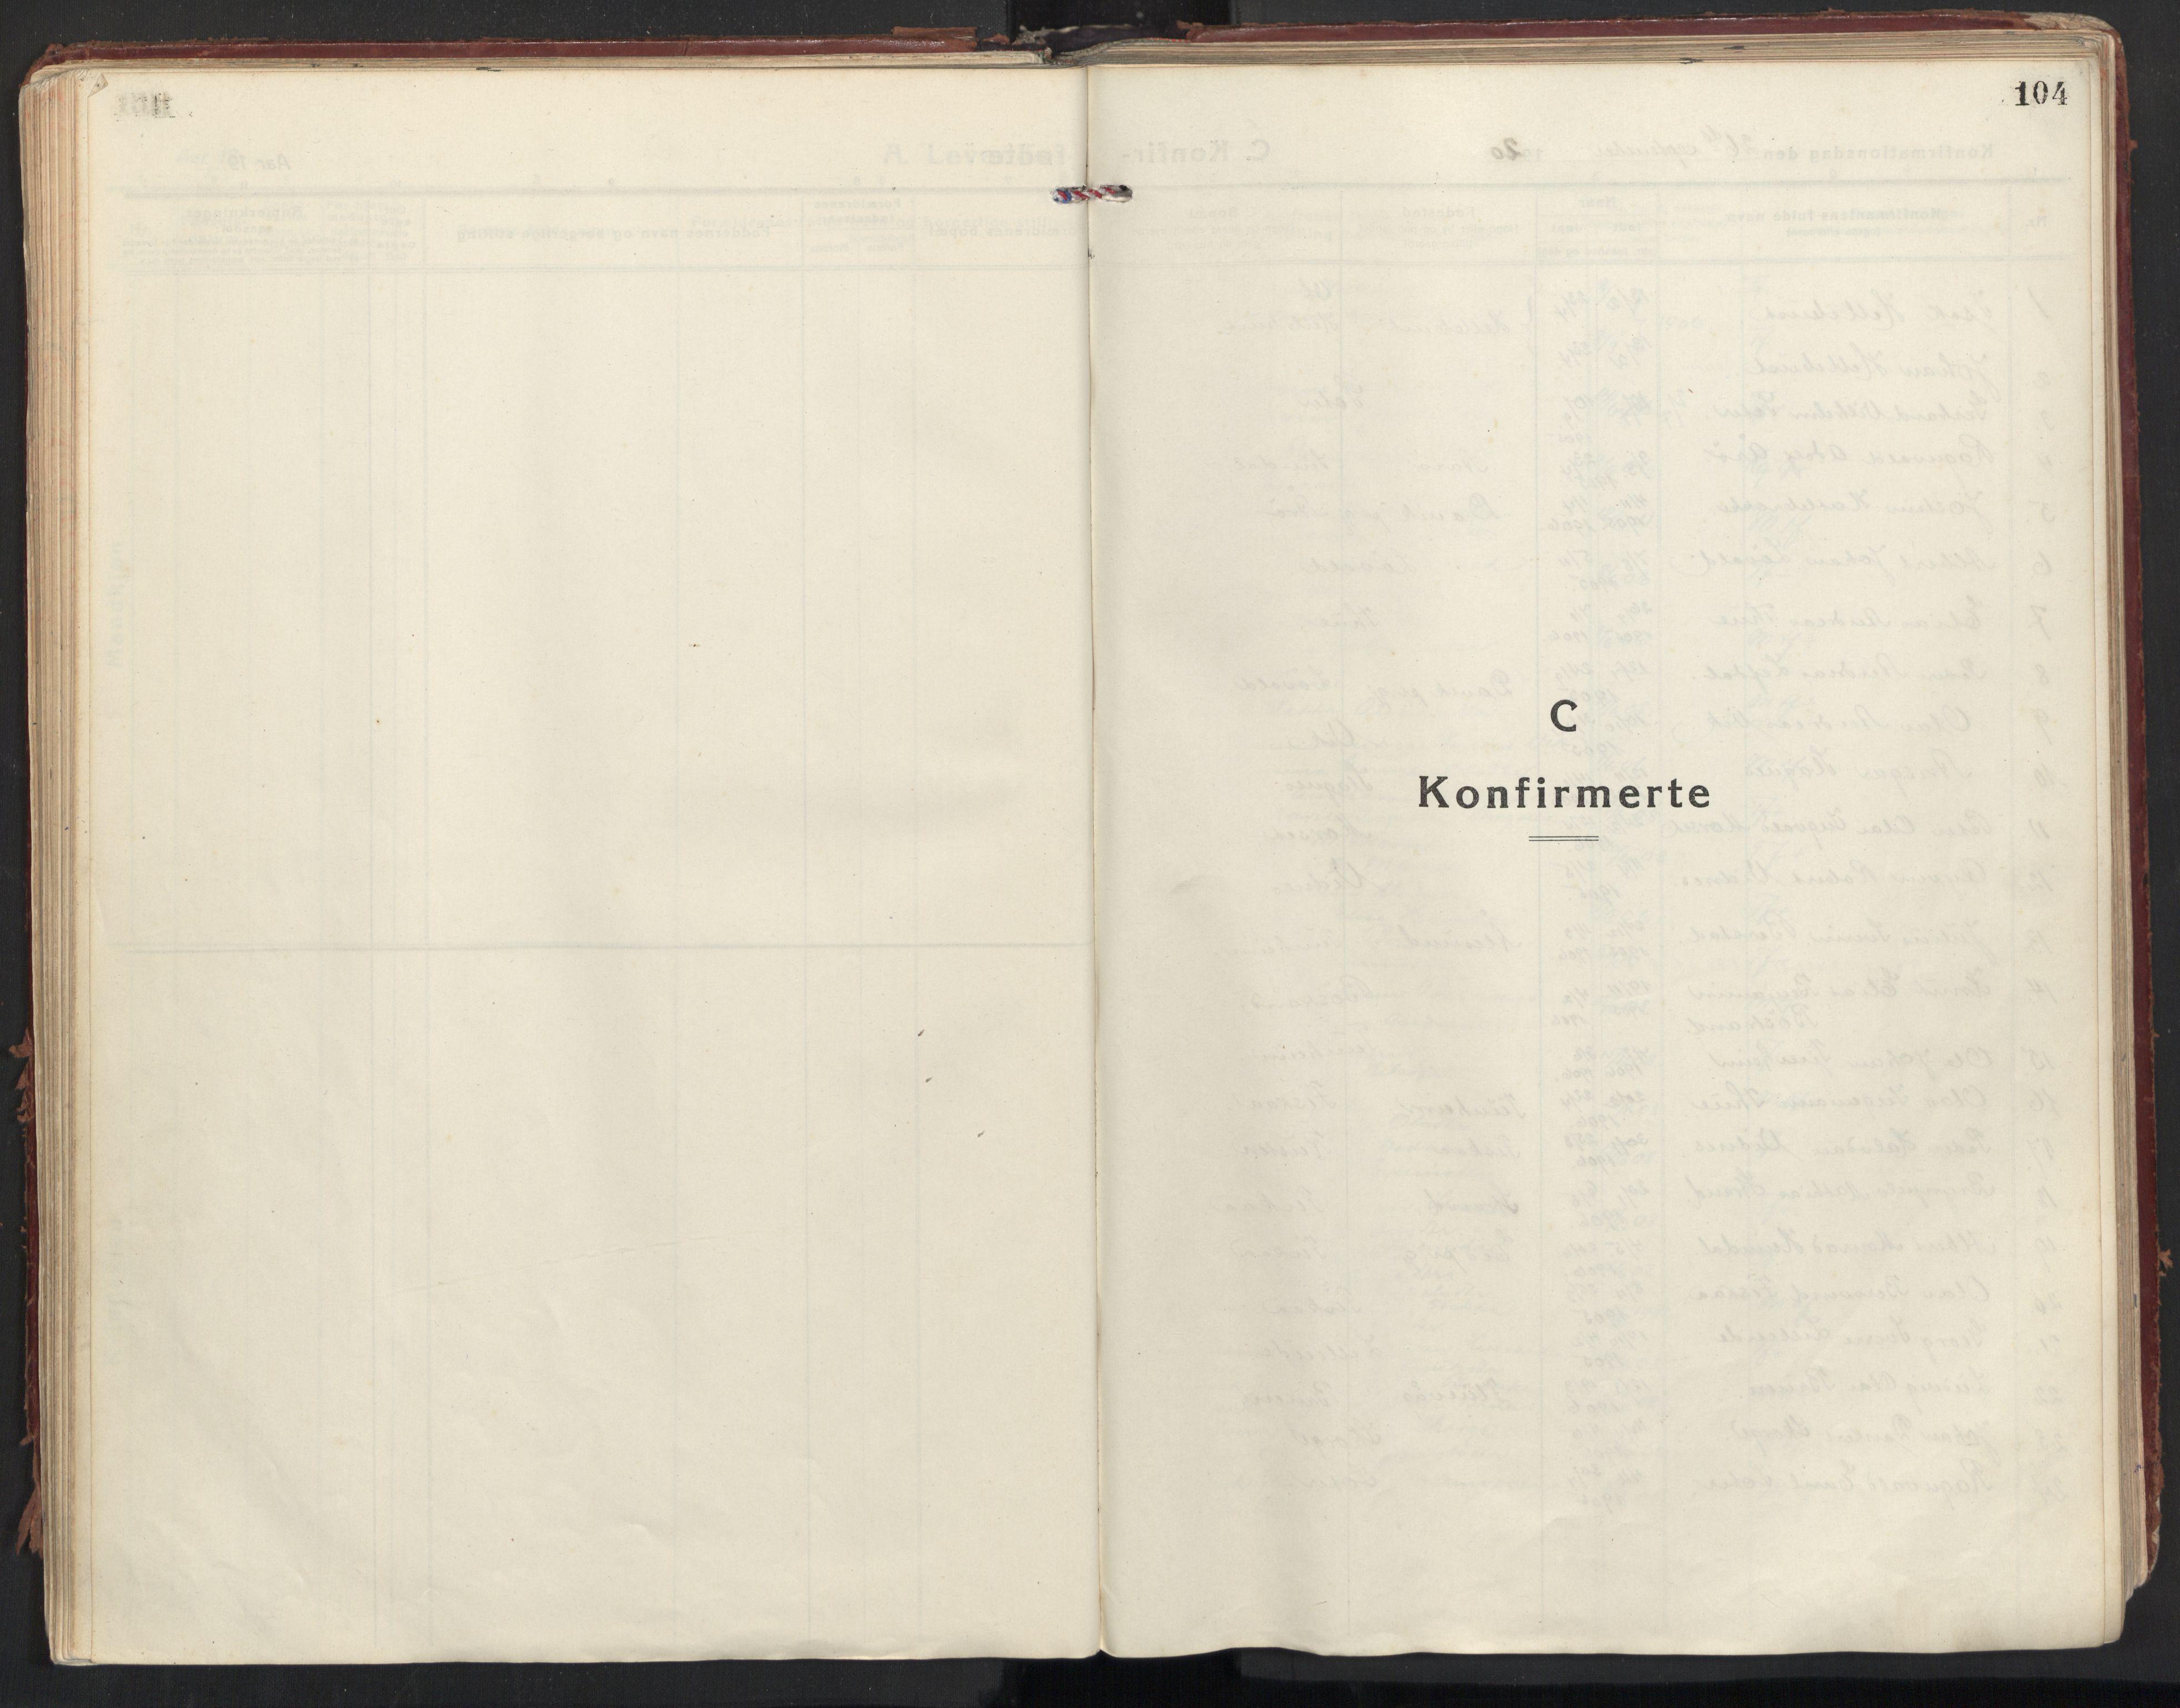 SAT, Ministerialprotokoller, klokkerbøker og fødselsregistre - Møre og Romsdal, 501/L0012: Ministerialbok nr. 501A12, 1920-1946, s. 104